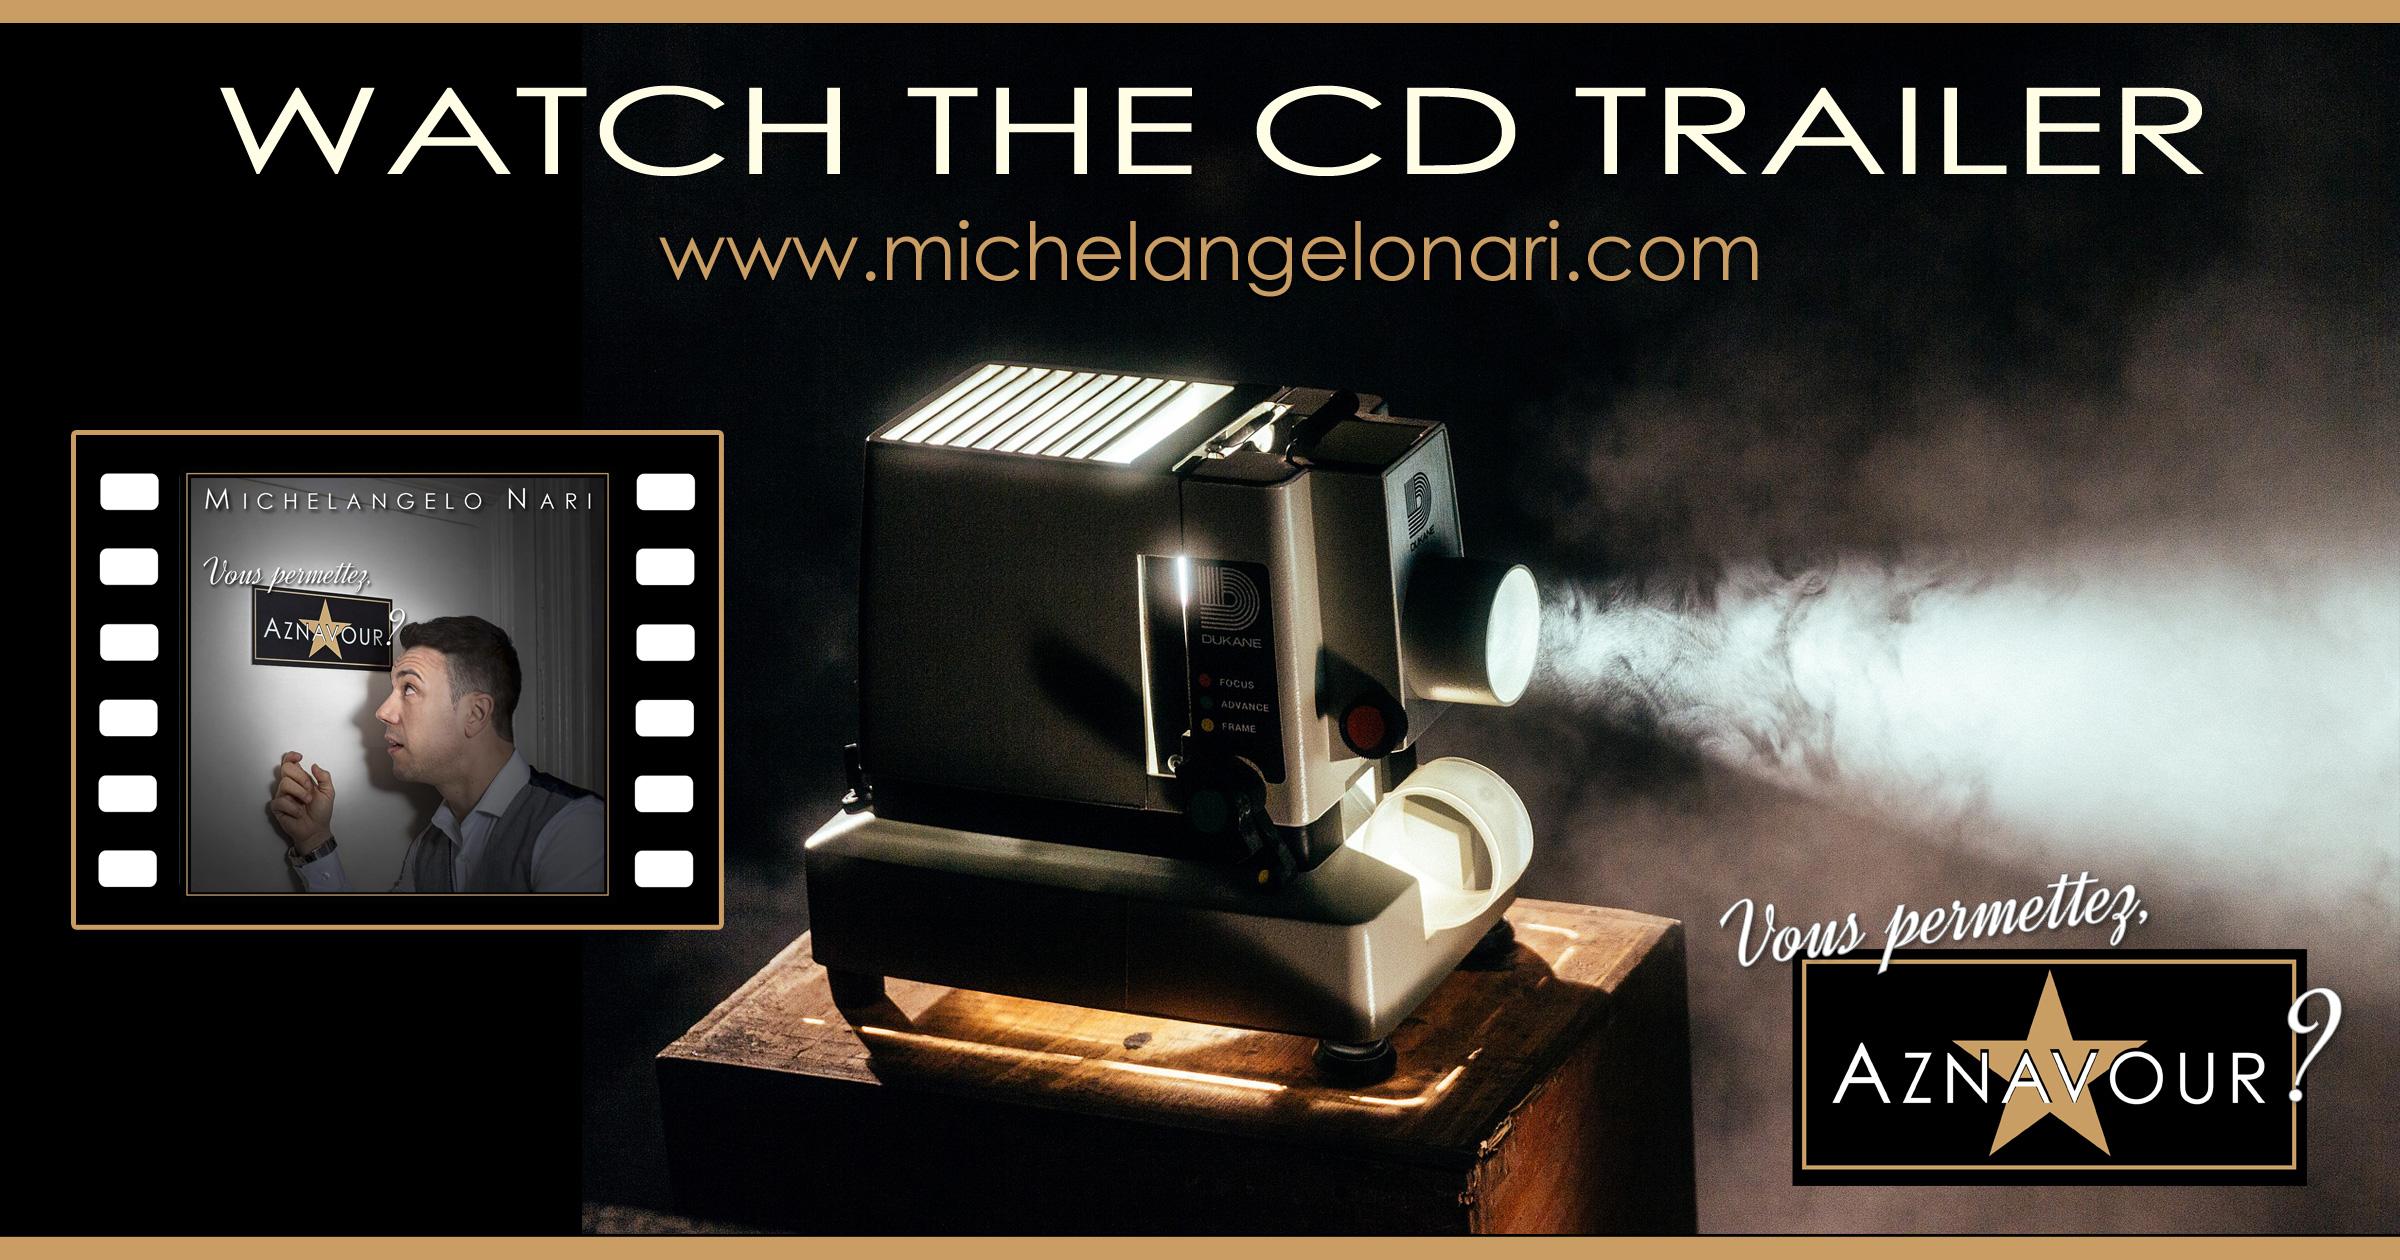 """Watch the CD Trailer- """"Vous permettez, Aznavour?"""" - Michelangelo Nari"""